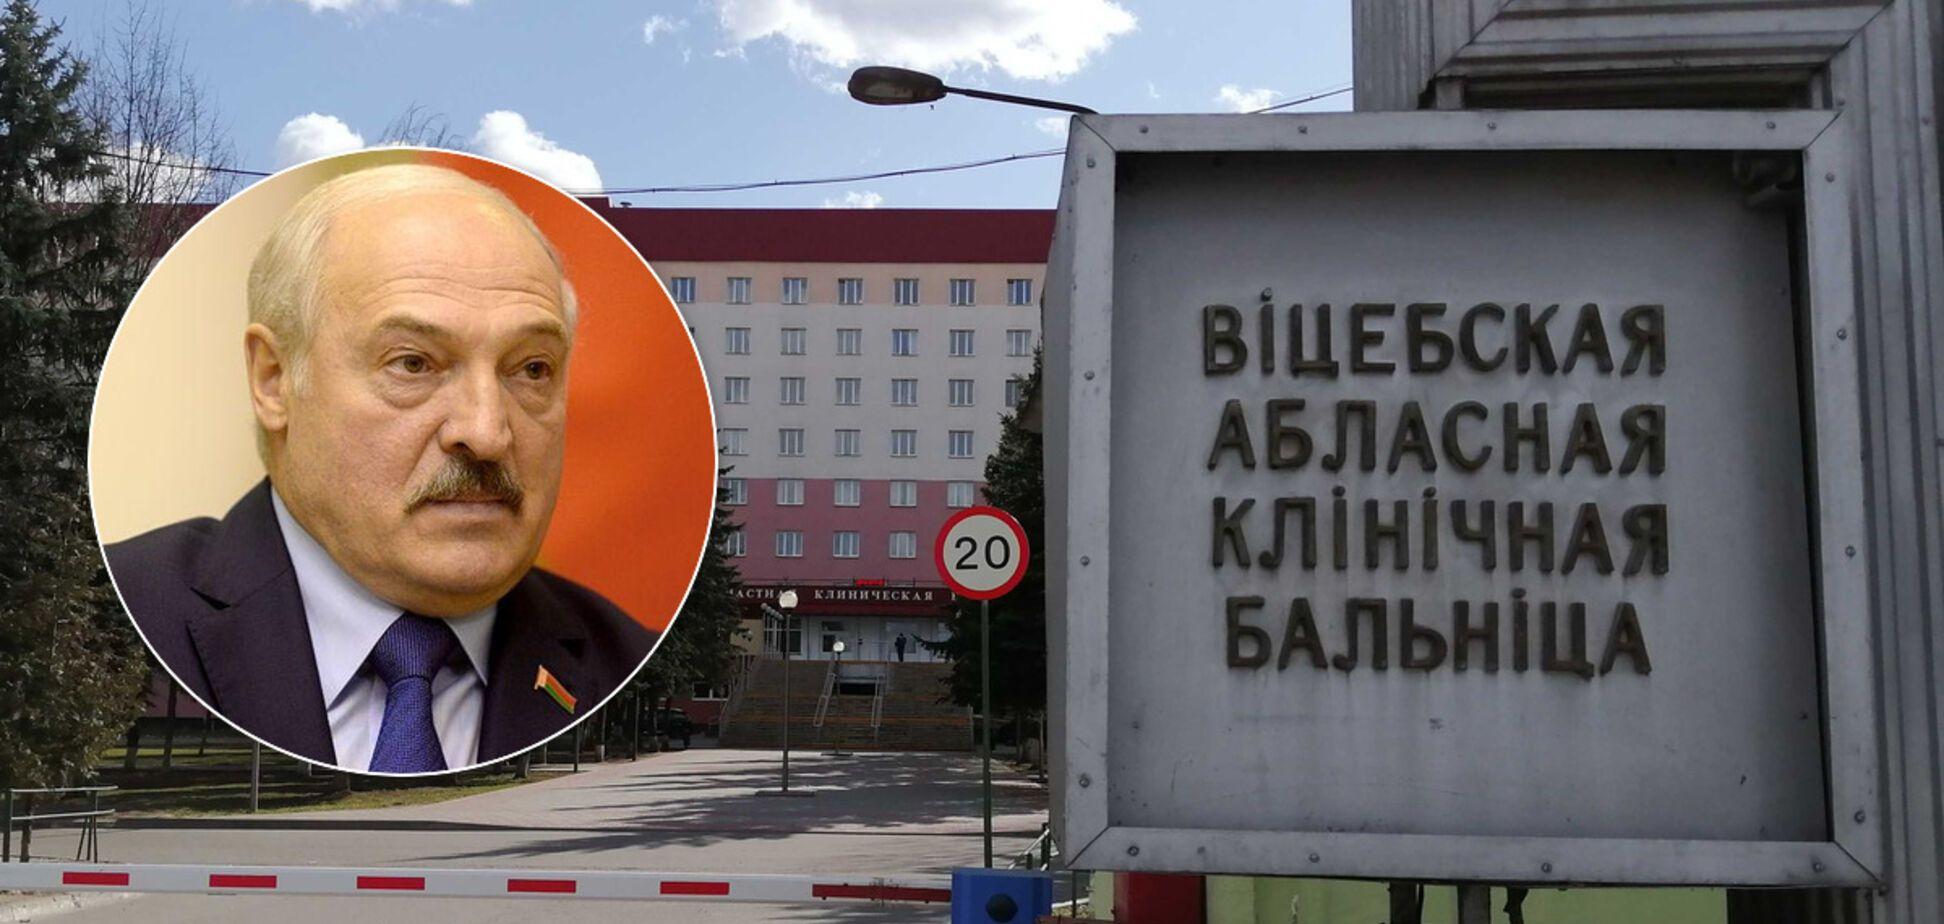 Мужчина подал иск на Лукашенко после смерти матери от COVID-19: заявляет, что скрывают информацию